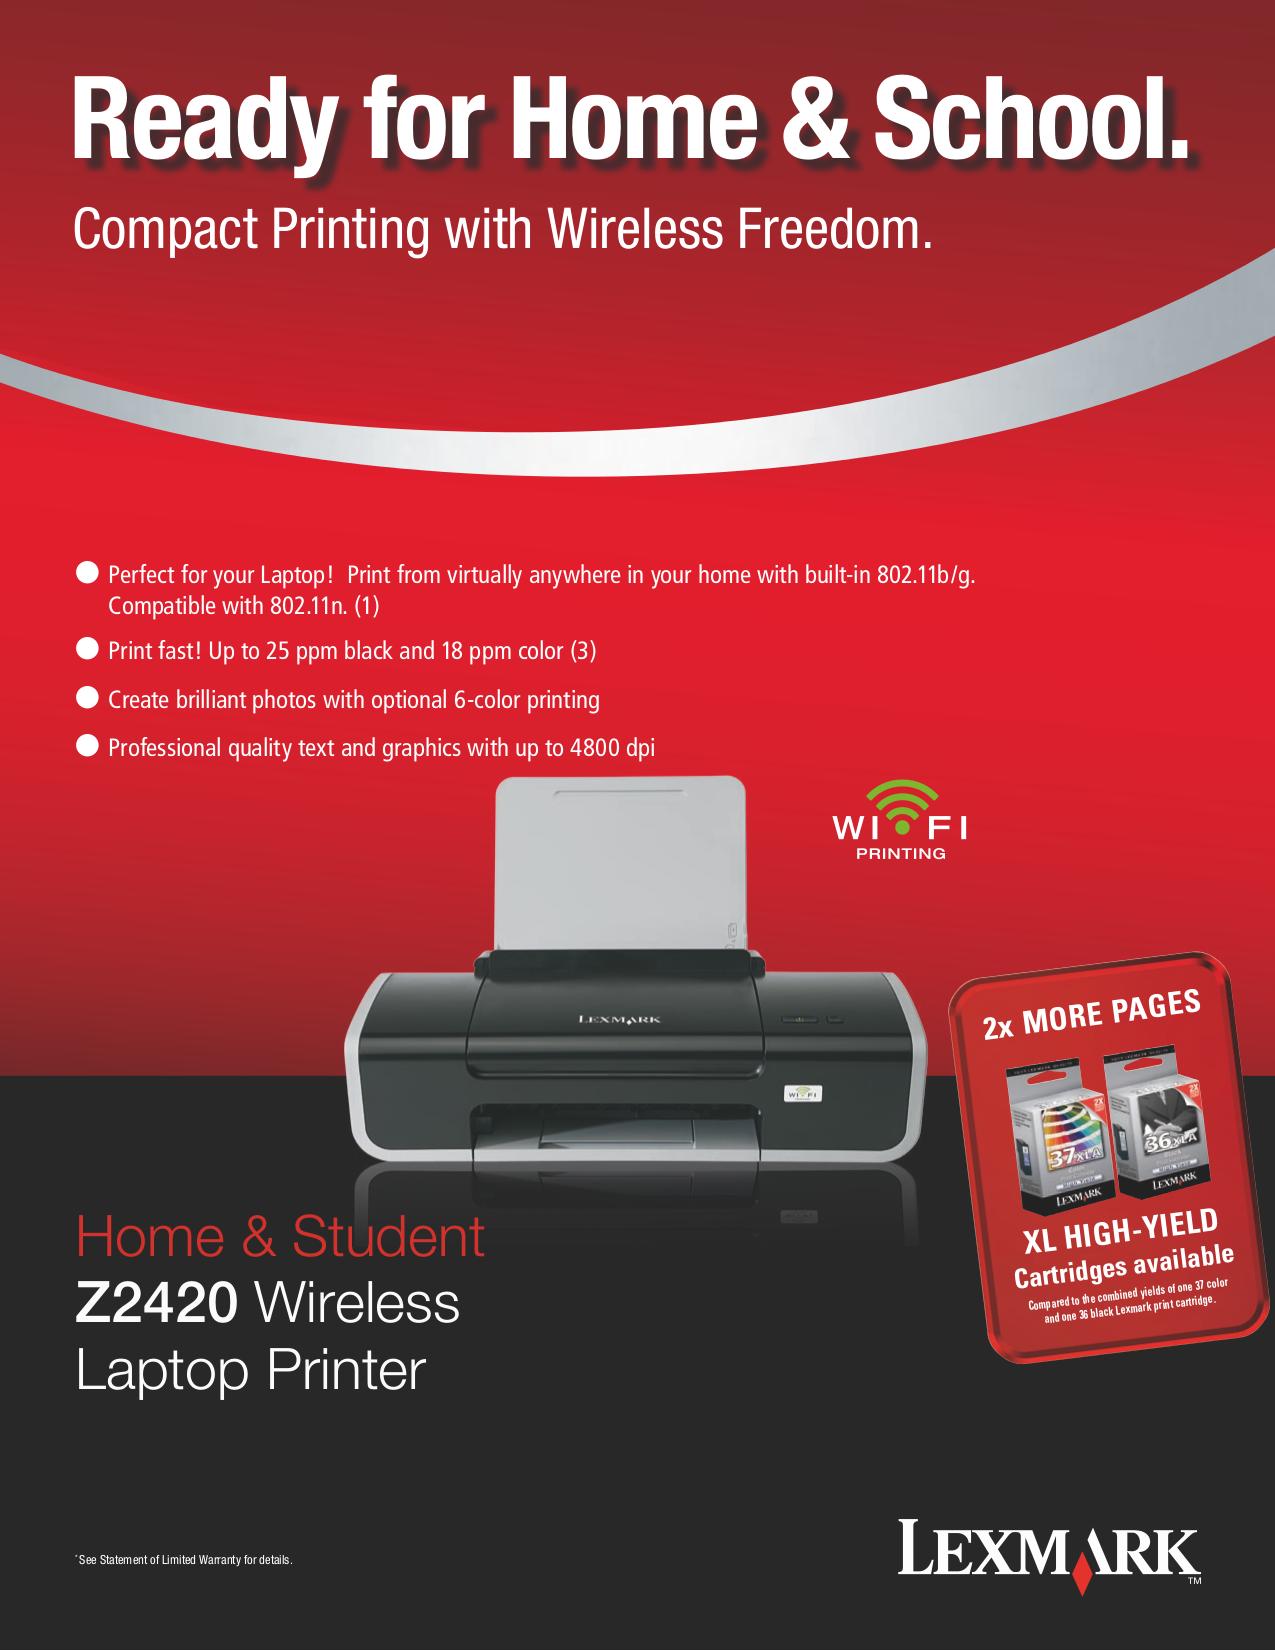 pdf for Lexmark Printer Z2420 manual